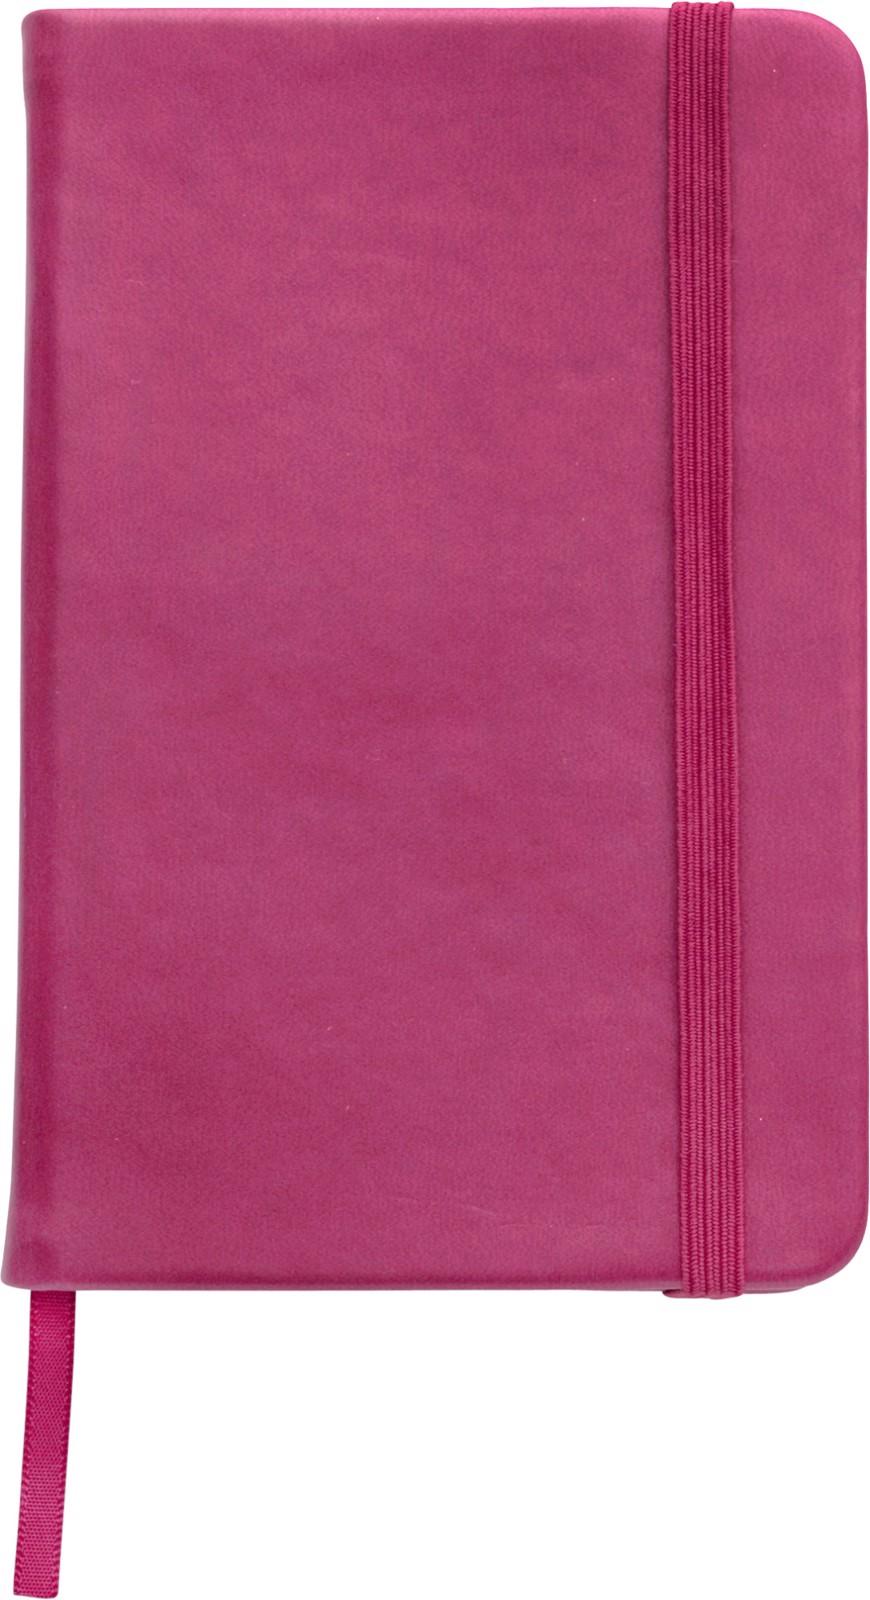 PU notebook - Pink